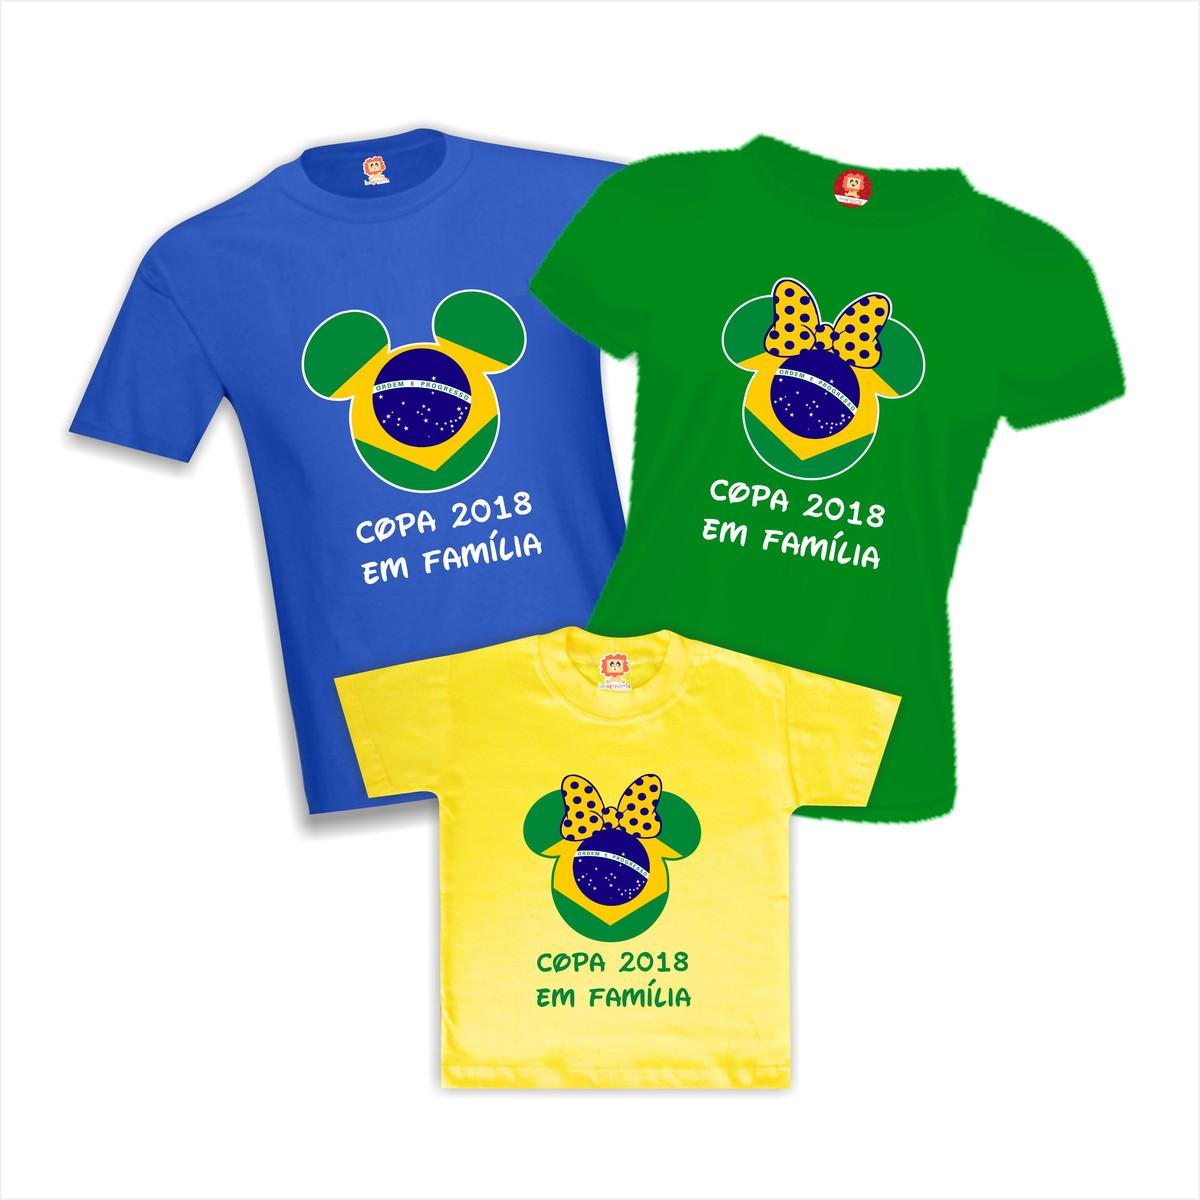 Imaginário Roupas Personalizadas  Camiseta Personalizada Copa do Mundo f6449eaca17a4